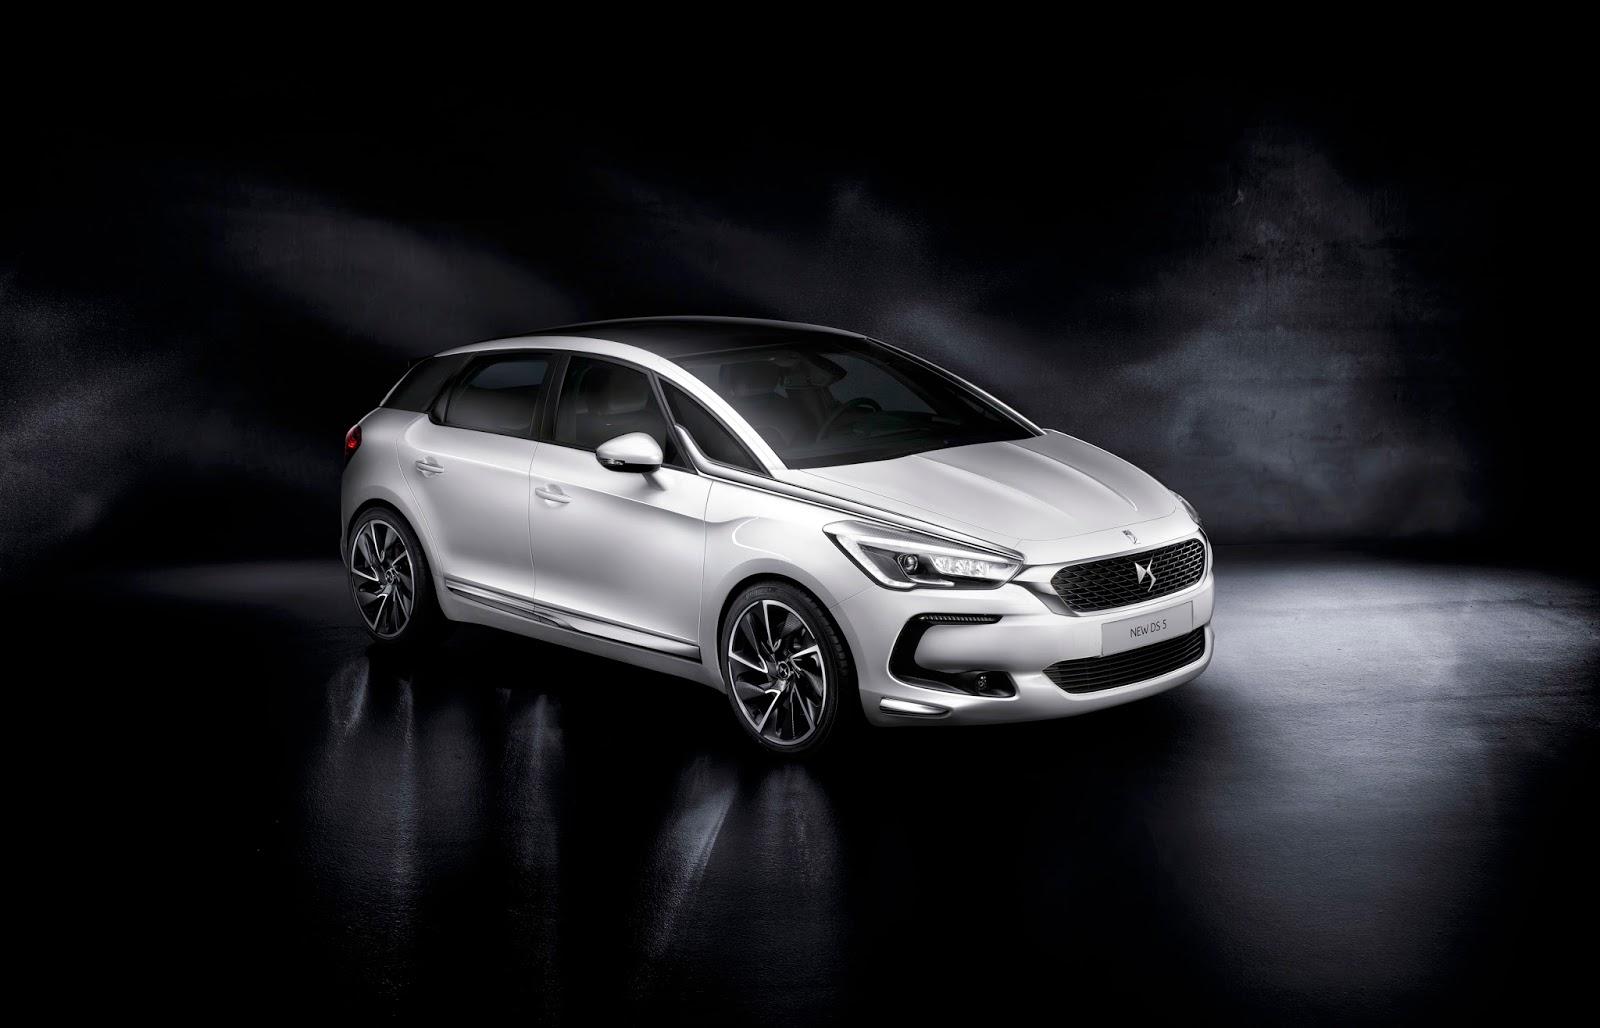 14BB15%2BJPG Στο Σαλόνι Αυτοκινήτου της Γενεύης η παγκόσμια πρεμιέρα για το DS 3 PERFORMANCE & DS 3 Cabrio PERFORMANCE των 208 ίππων ds 3, DS 3 PERFORMANCE, DS 4, DS 4 Crossback, DS 5, DS Automobiles, Virtual Garage, Σαλόνι Αυτοκινήτου, Σαλόνι Αυτοκινήτου της Γενεύης